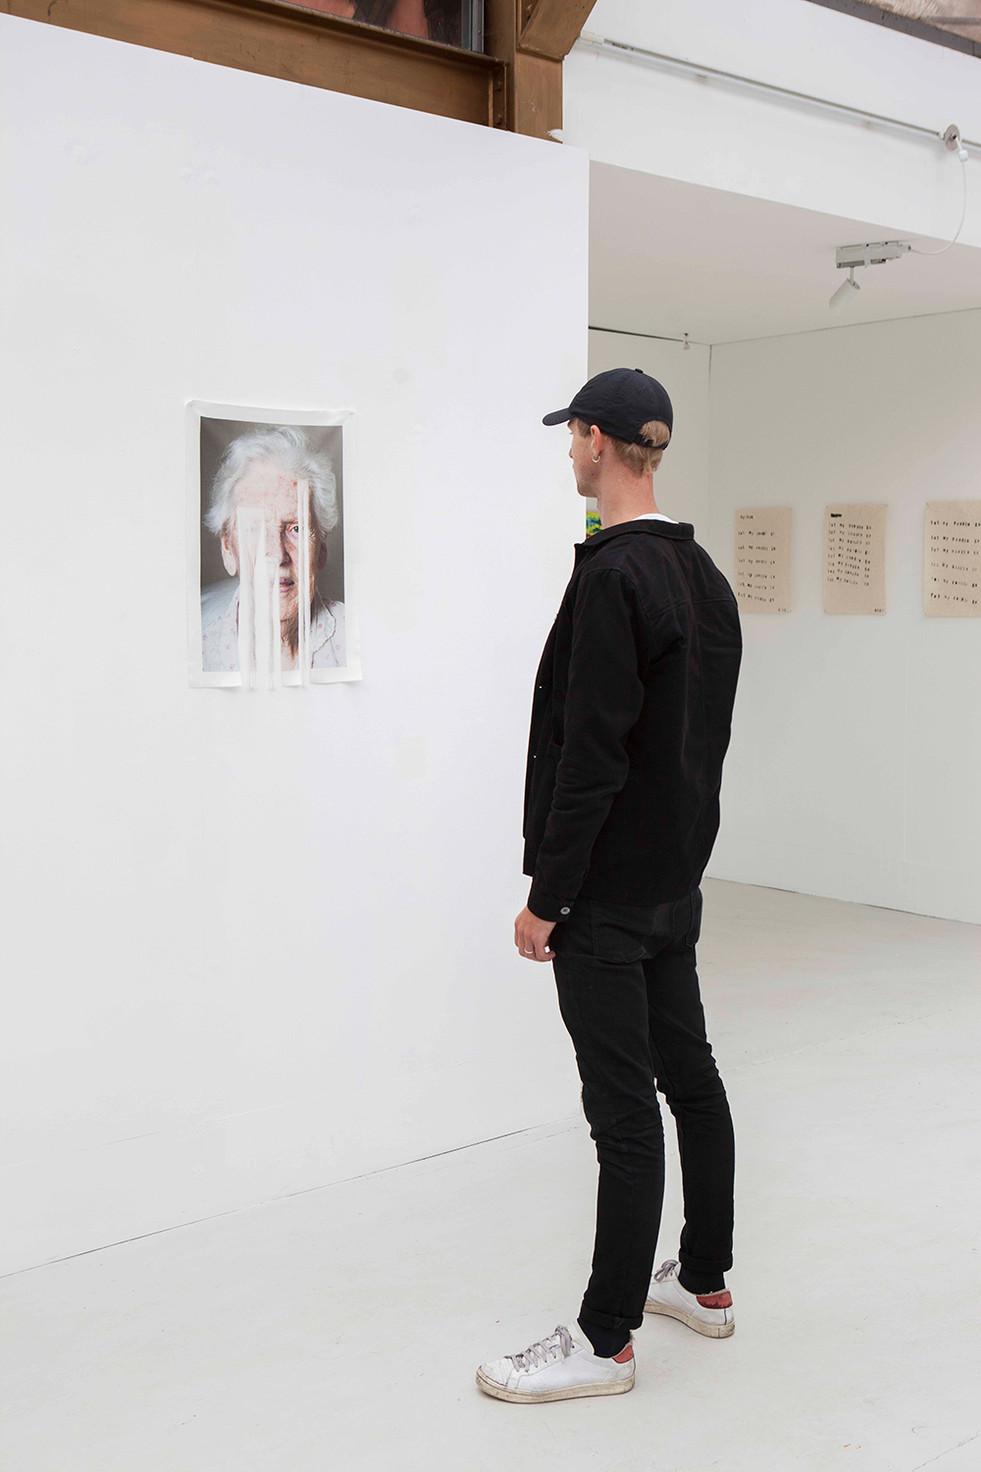 Kristin Hjellegjerde Gallery